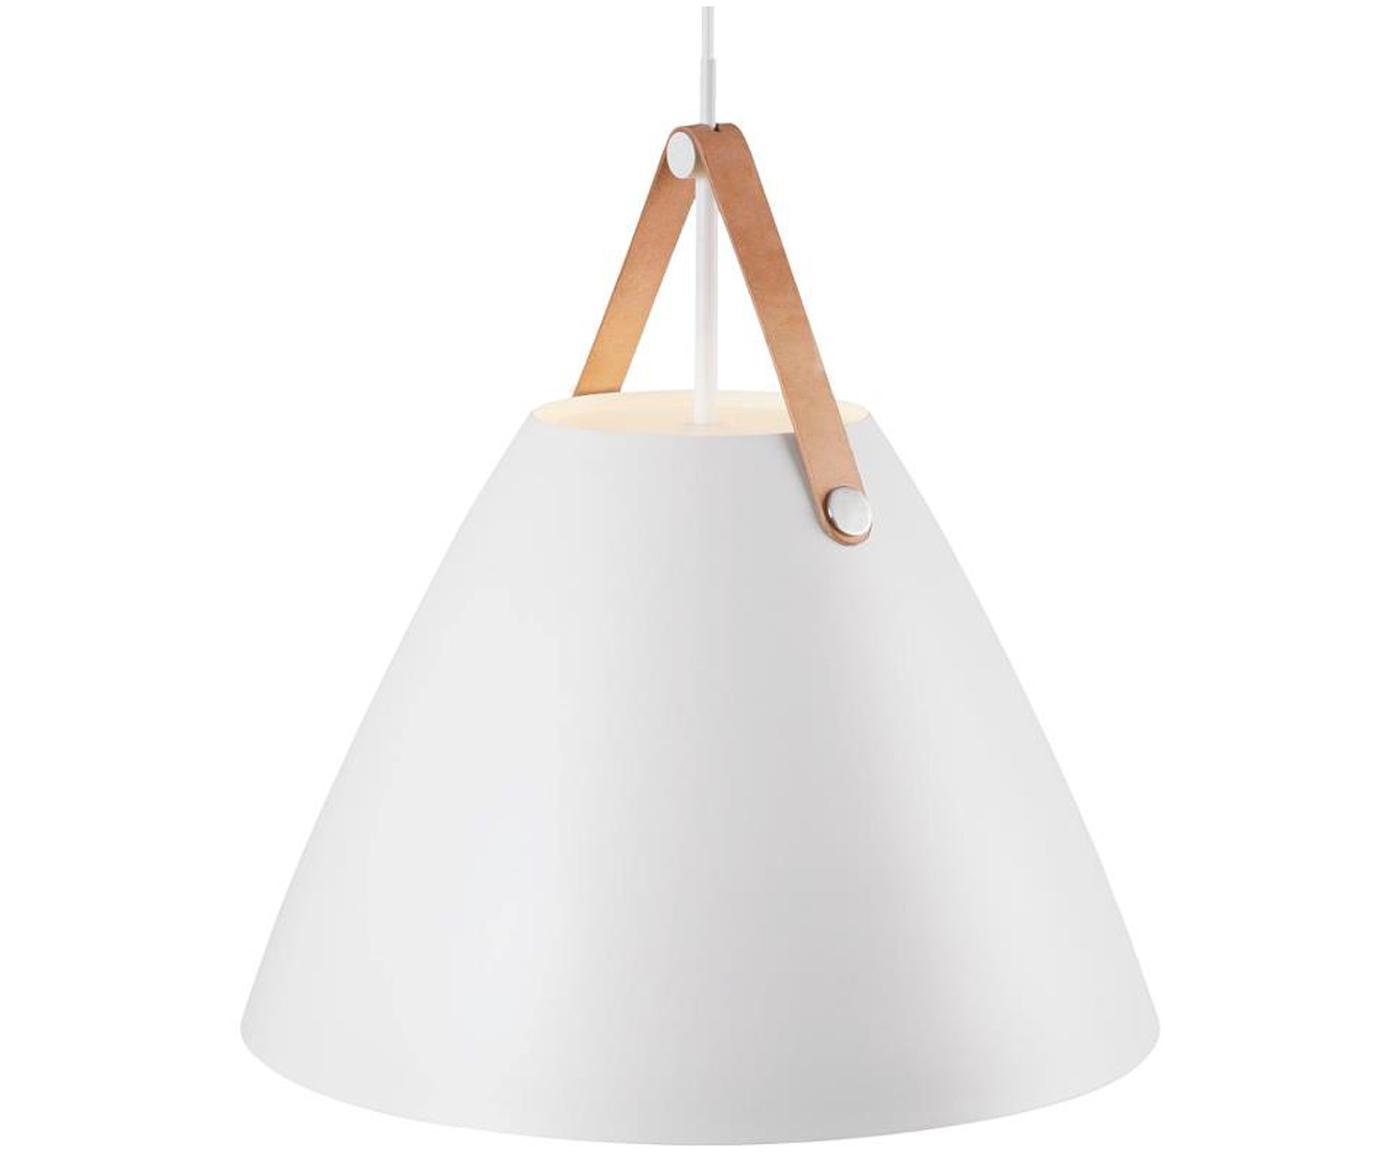 Kleine Pendelleuchte Strap mit Lederband, Lampenschirm: Metall, pulverbeschichtet, Baldachin: Kunststoff, Weiß, Ø 27 x H 25 cm